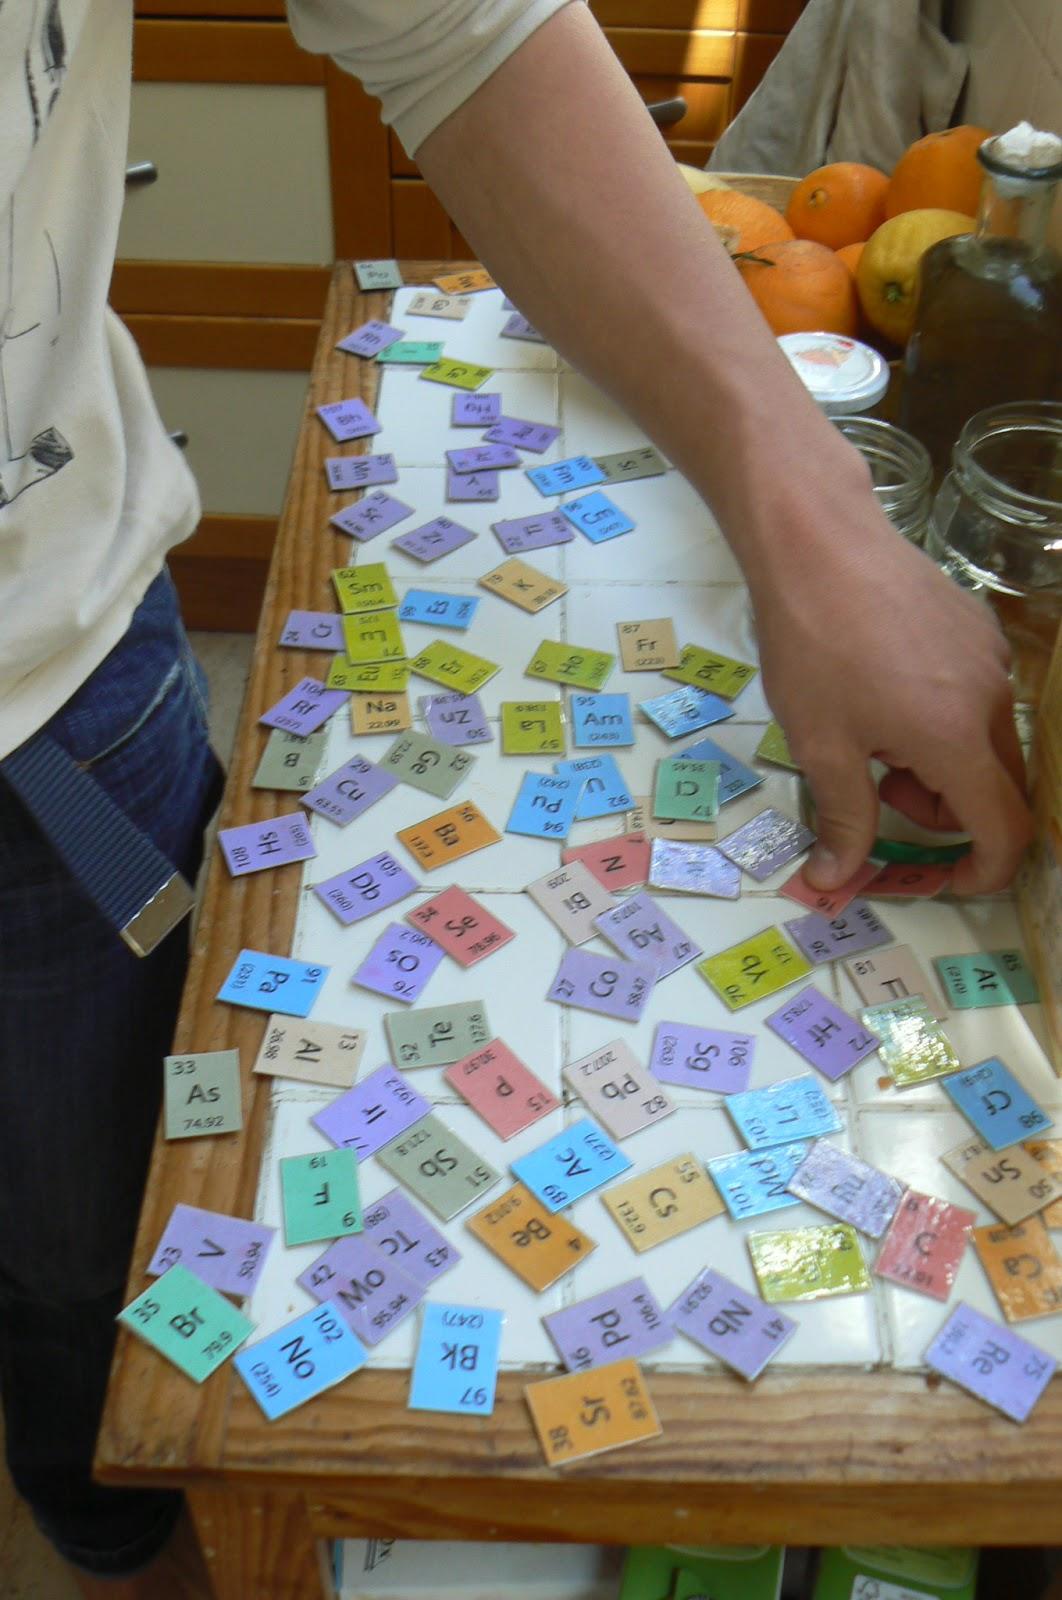 revista la universidad juego didactico de la tabla periodica youtube cienacias flavorsomefo image collections - Tabla Periodica Juegos Didacticos